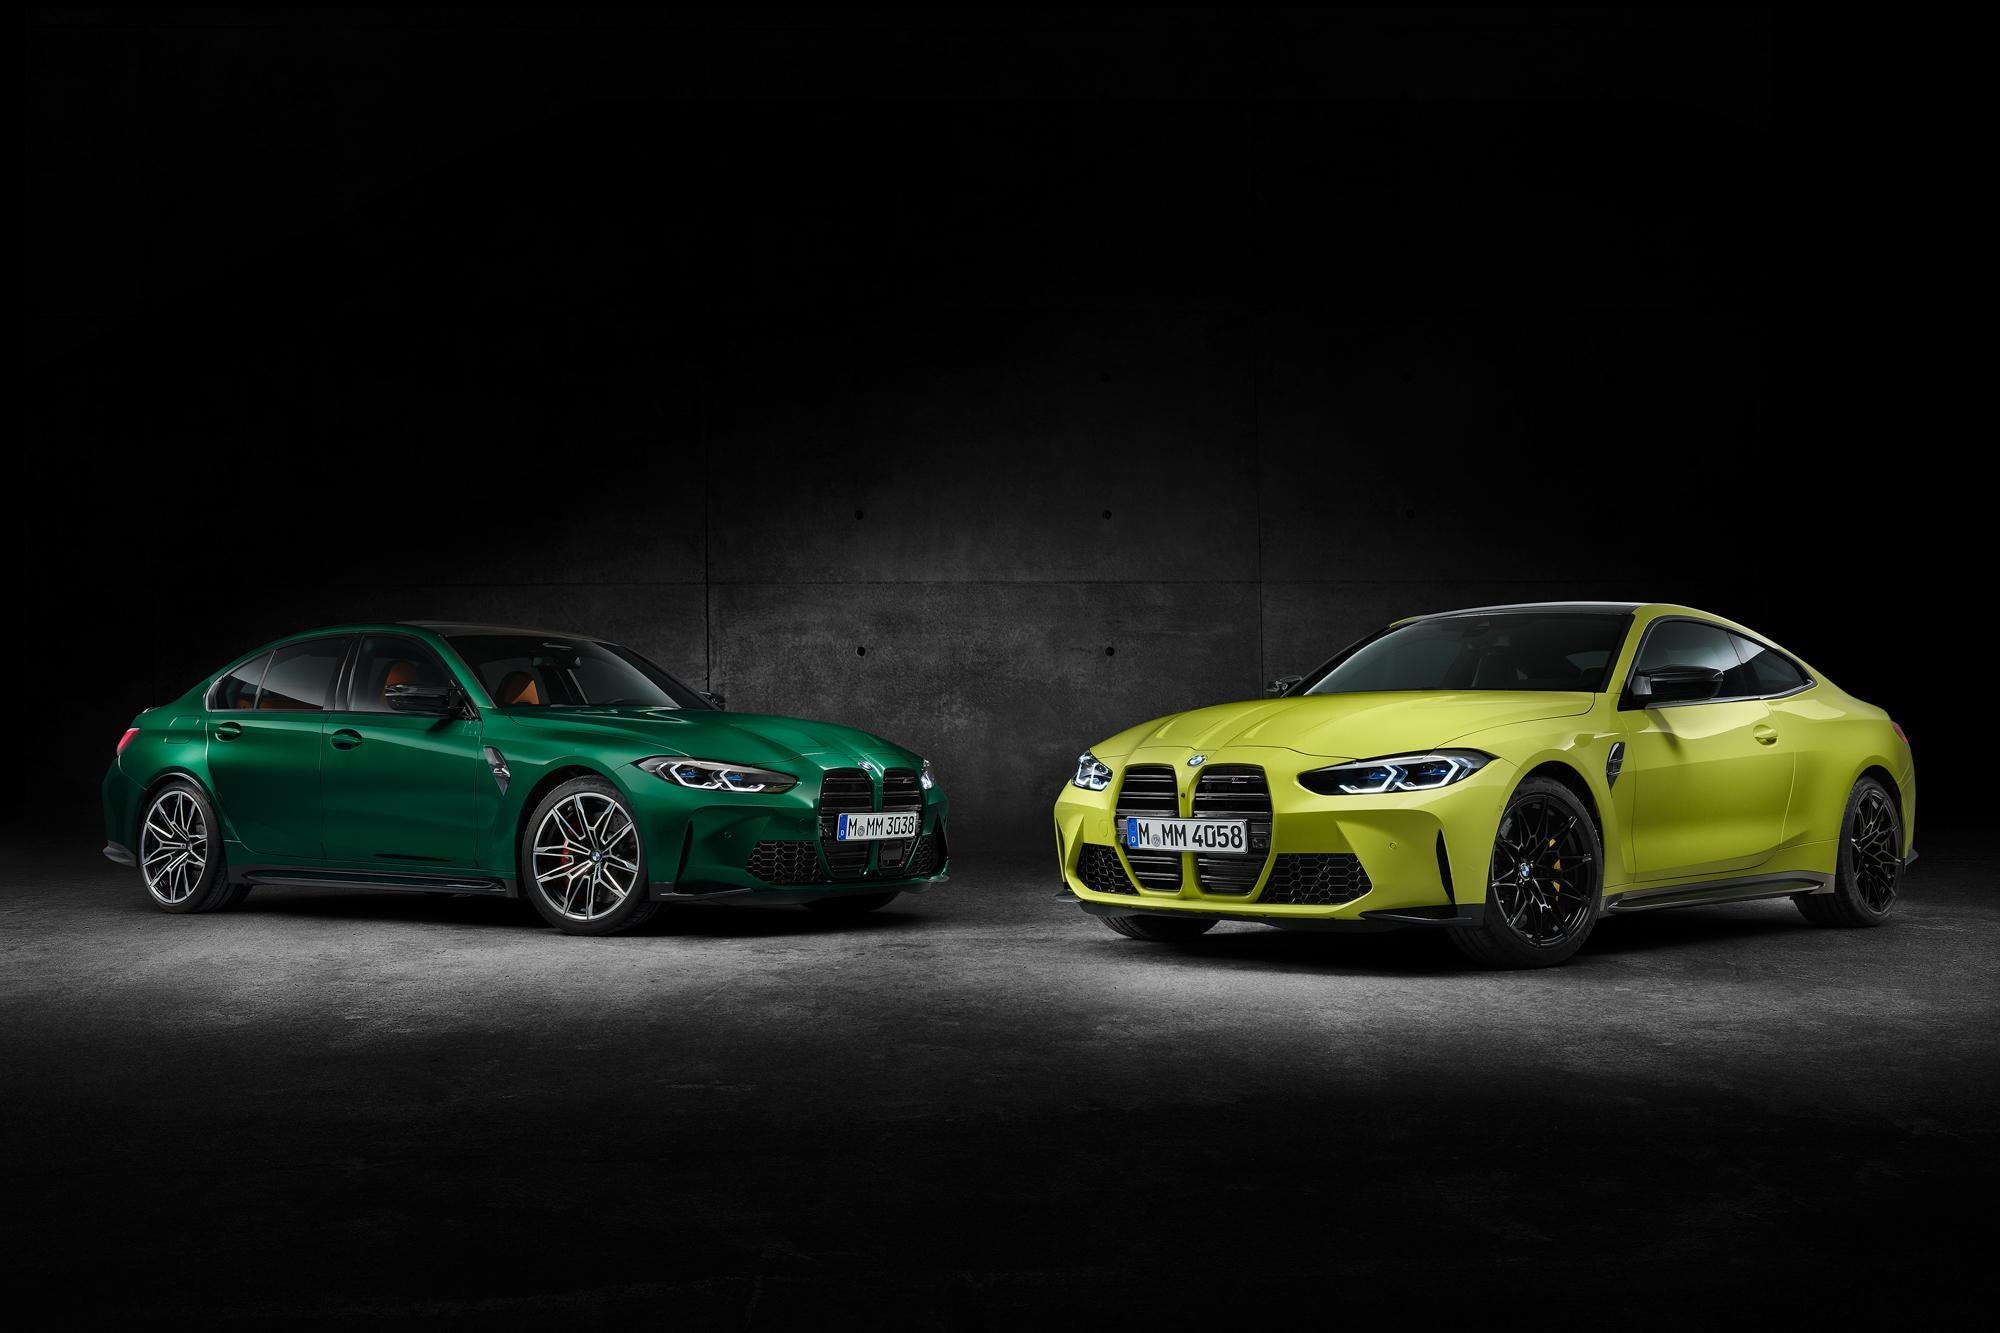 Фотографии спорных BMW M3 и BMW M4 просочились перед их официальным дебютом.